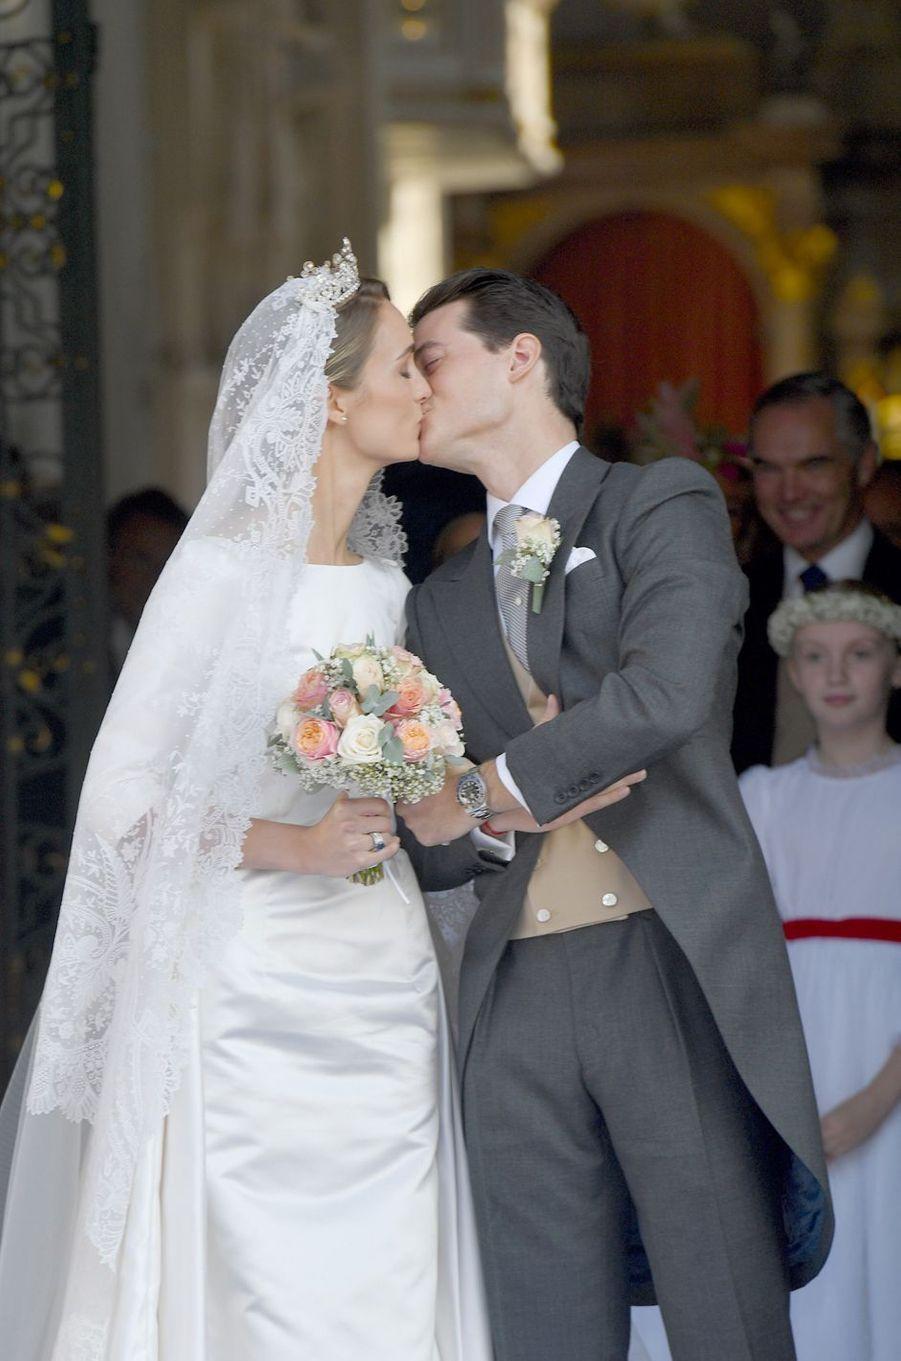 Le mariage de la comtesse Sophie de Wurtemberg et du comte Maximilien d'Andigné, le 20 octobre 2018